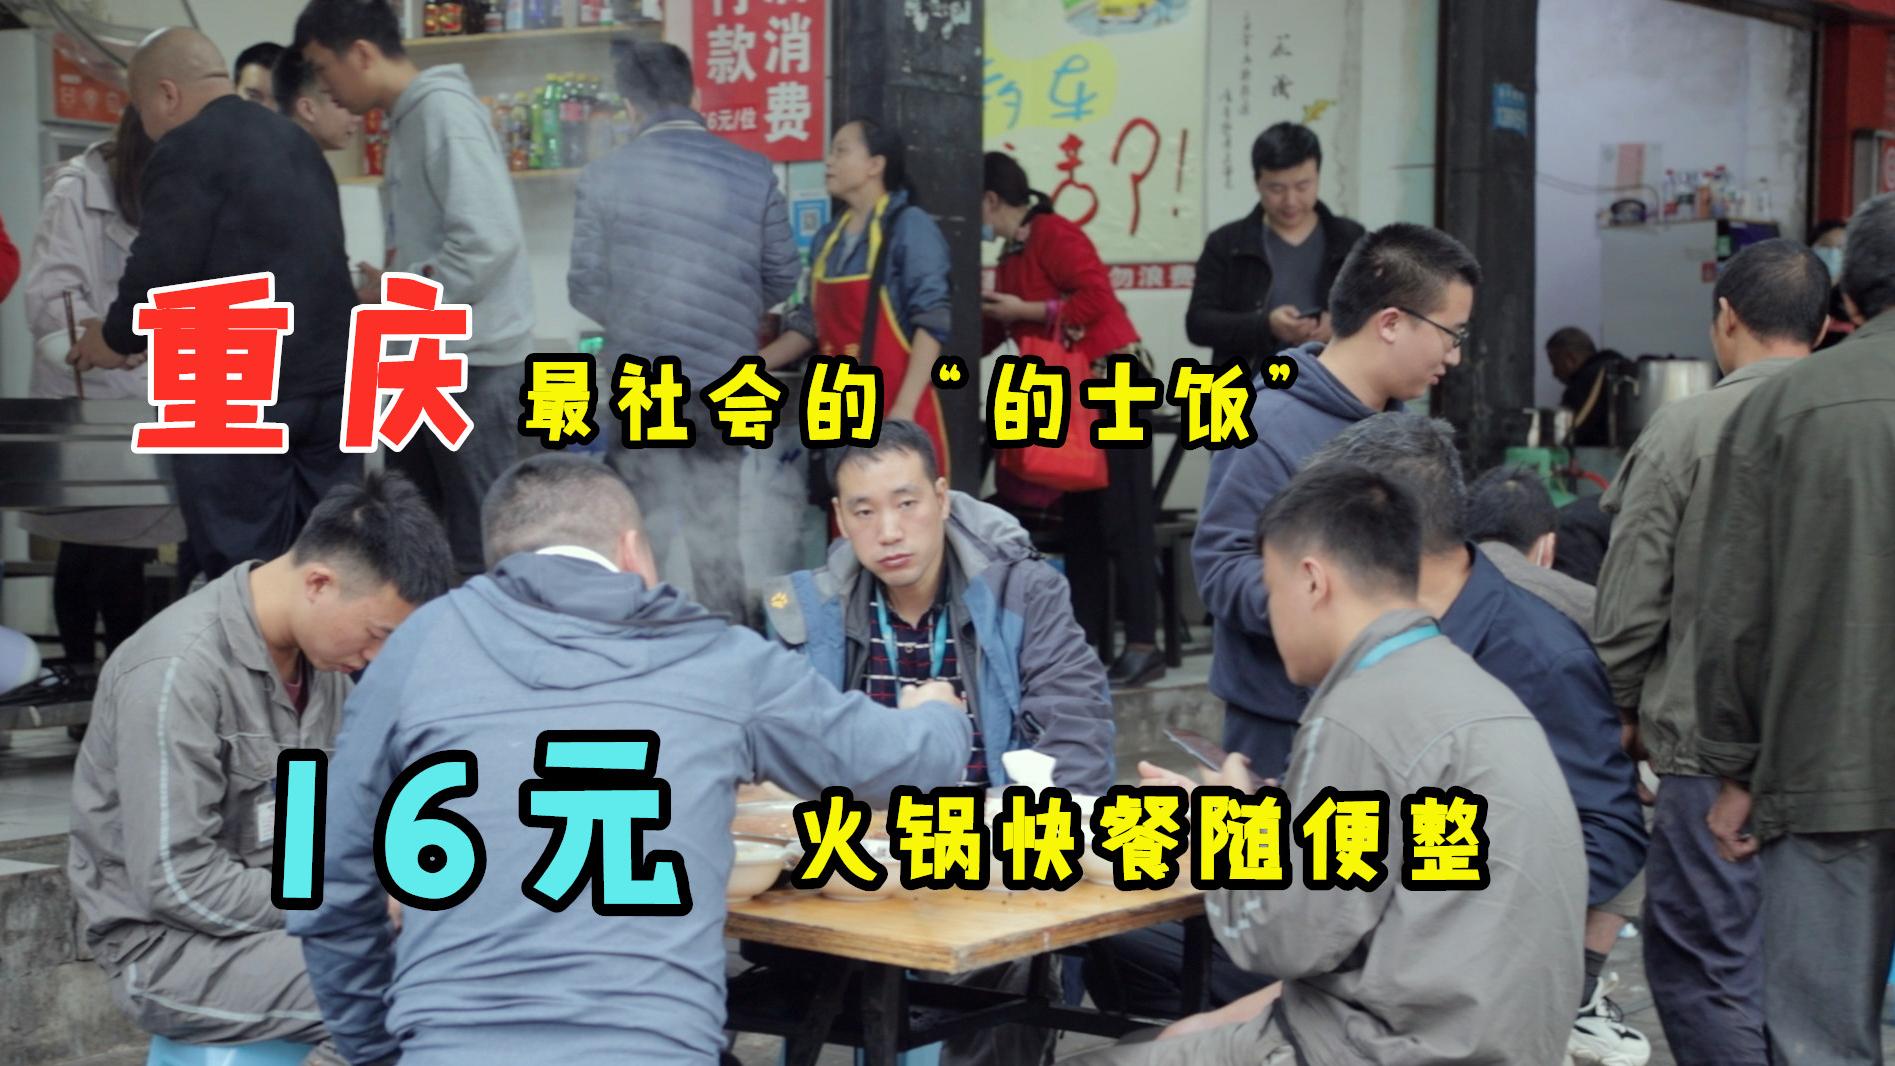 重庆出租车司机竟然拉我去了神秘饭店,16元一位,火锅快餐随便整